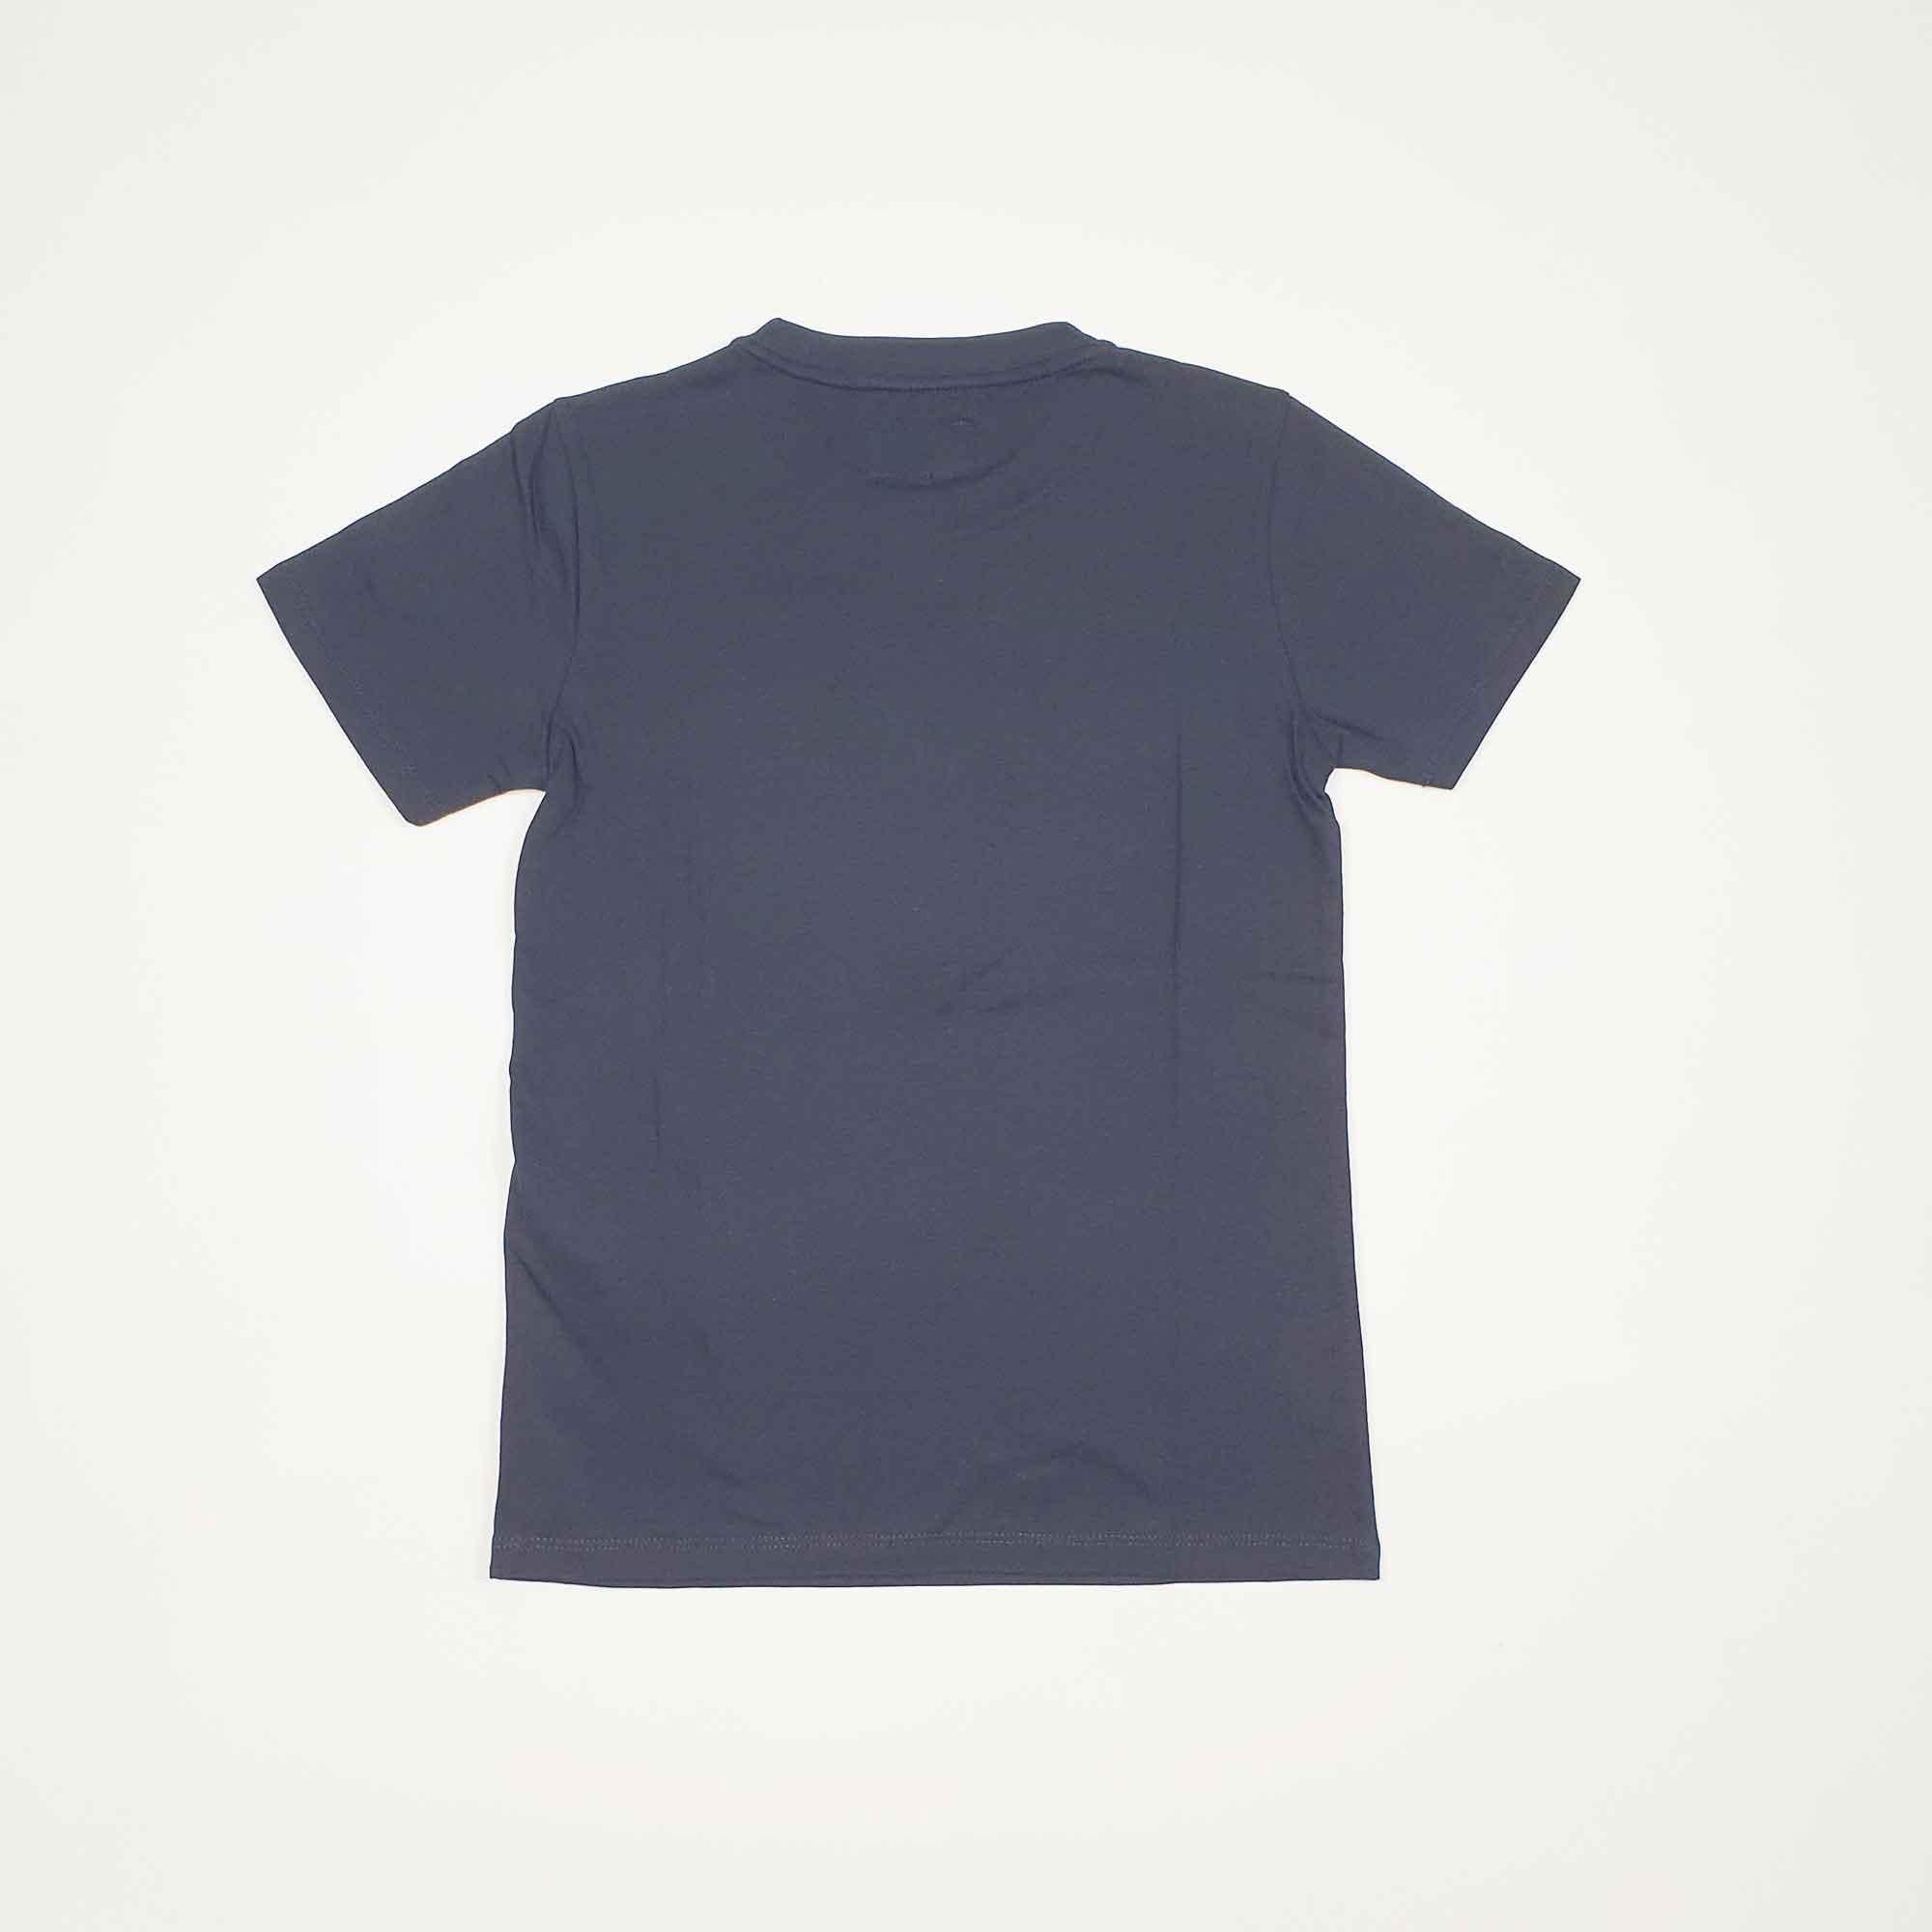 T-shirt milano - Blu